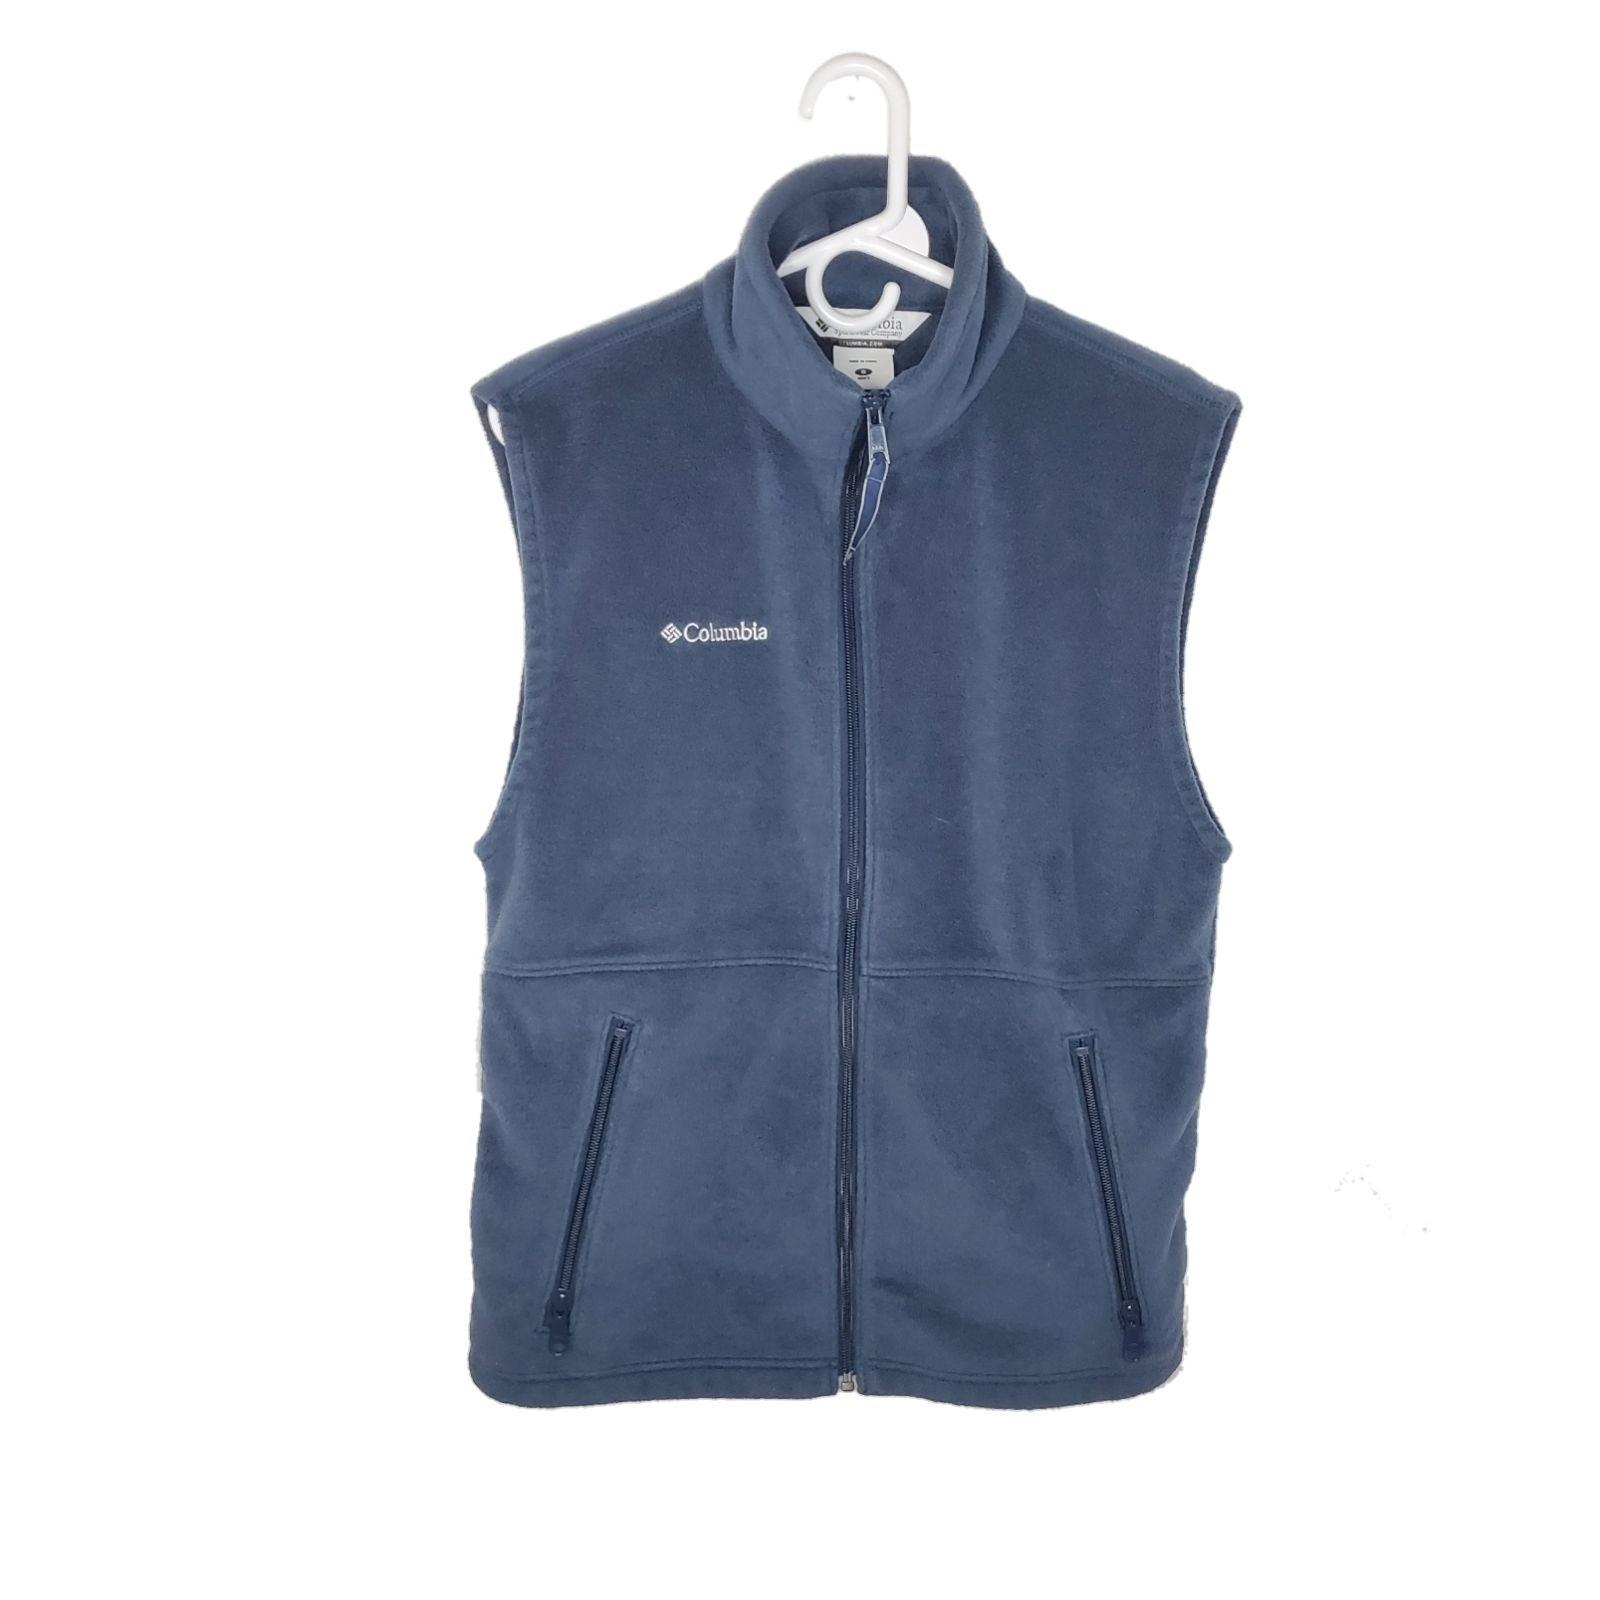 Navy blue Columbia fleece full zip vest